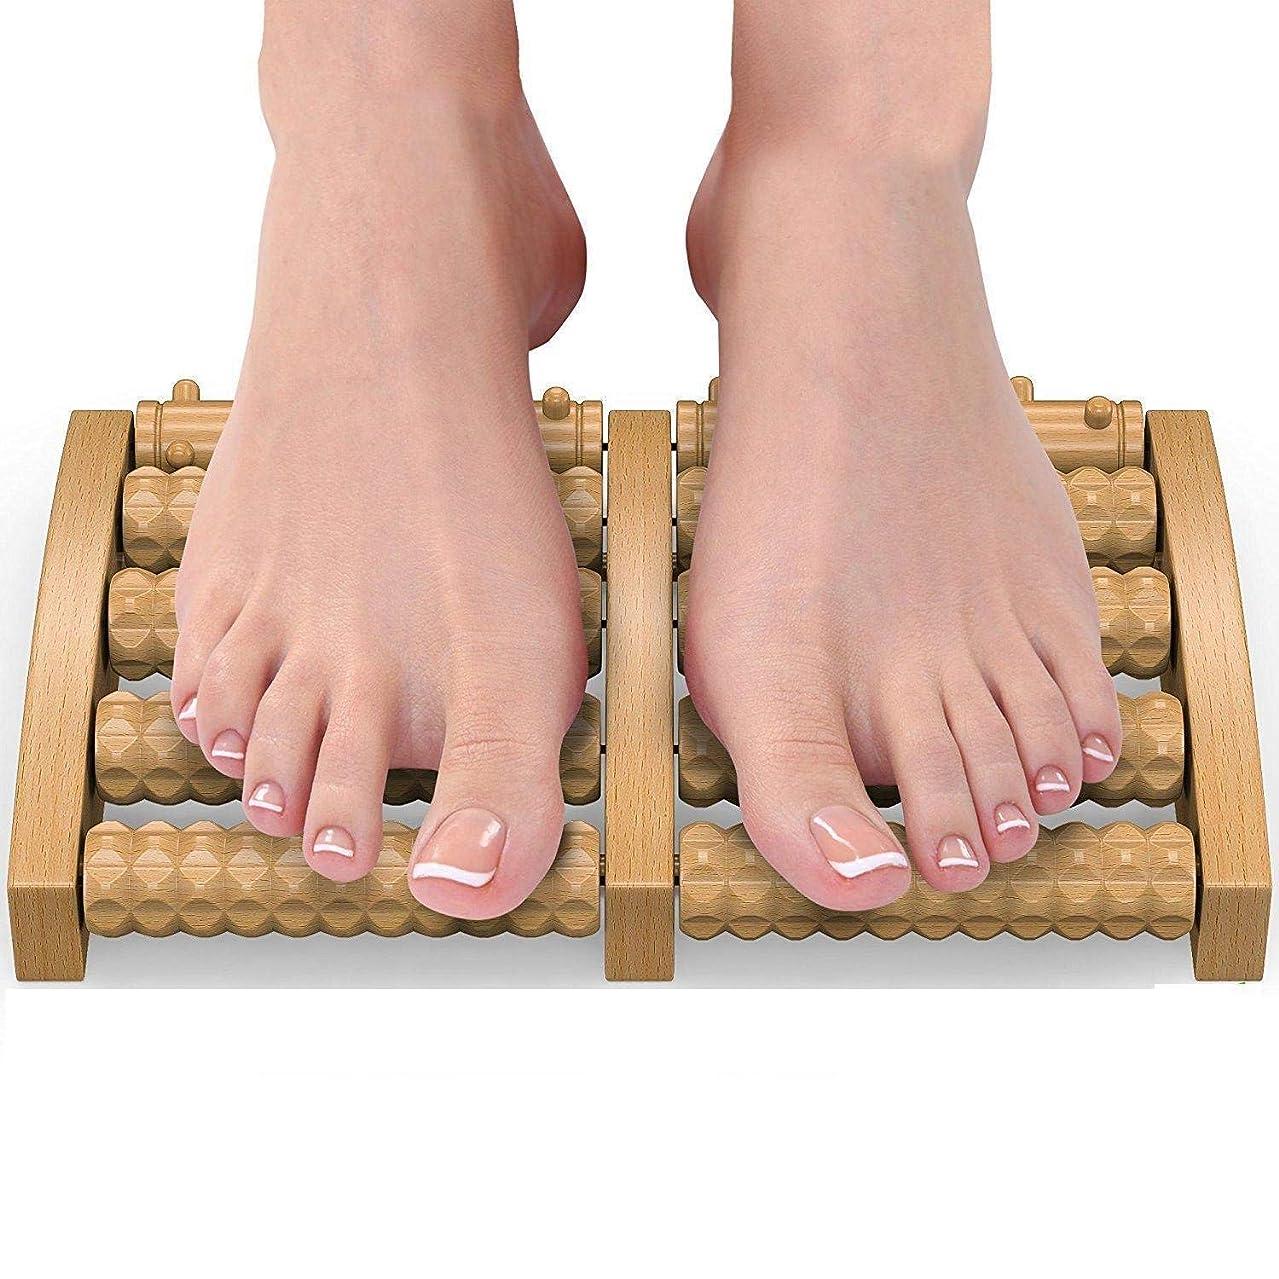 キャベツ初期のピース足のマッサージトマッサージャーフットマッサージローラー木製ホイール、足底筋膜炎ストレスヒールアーチ痛み指圧指圧緩和、2個を和らげる